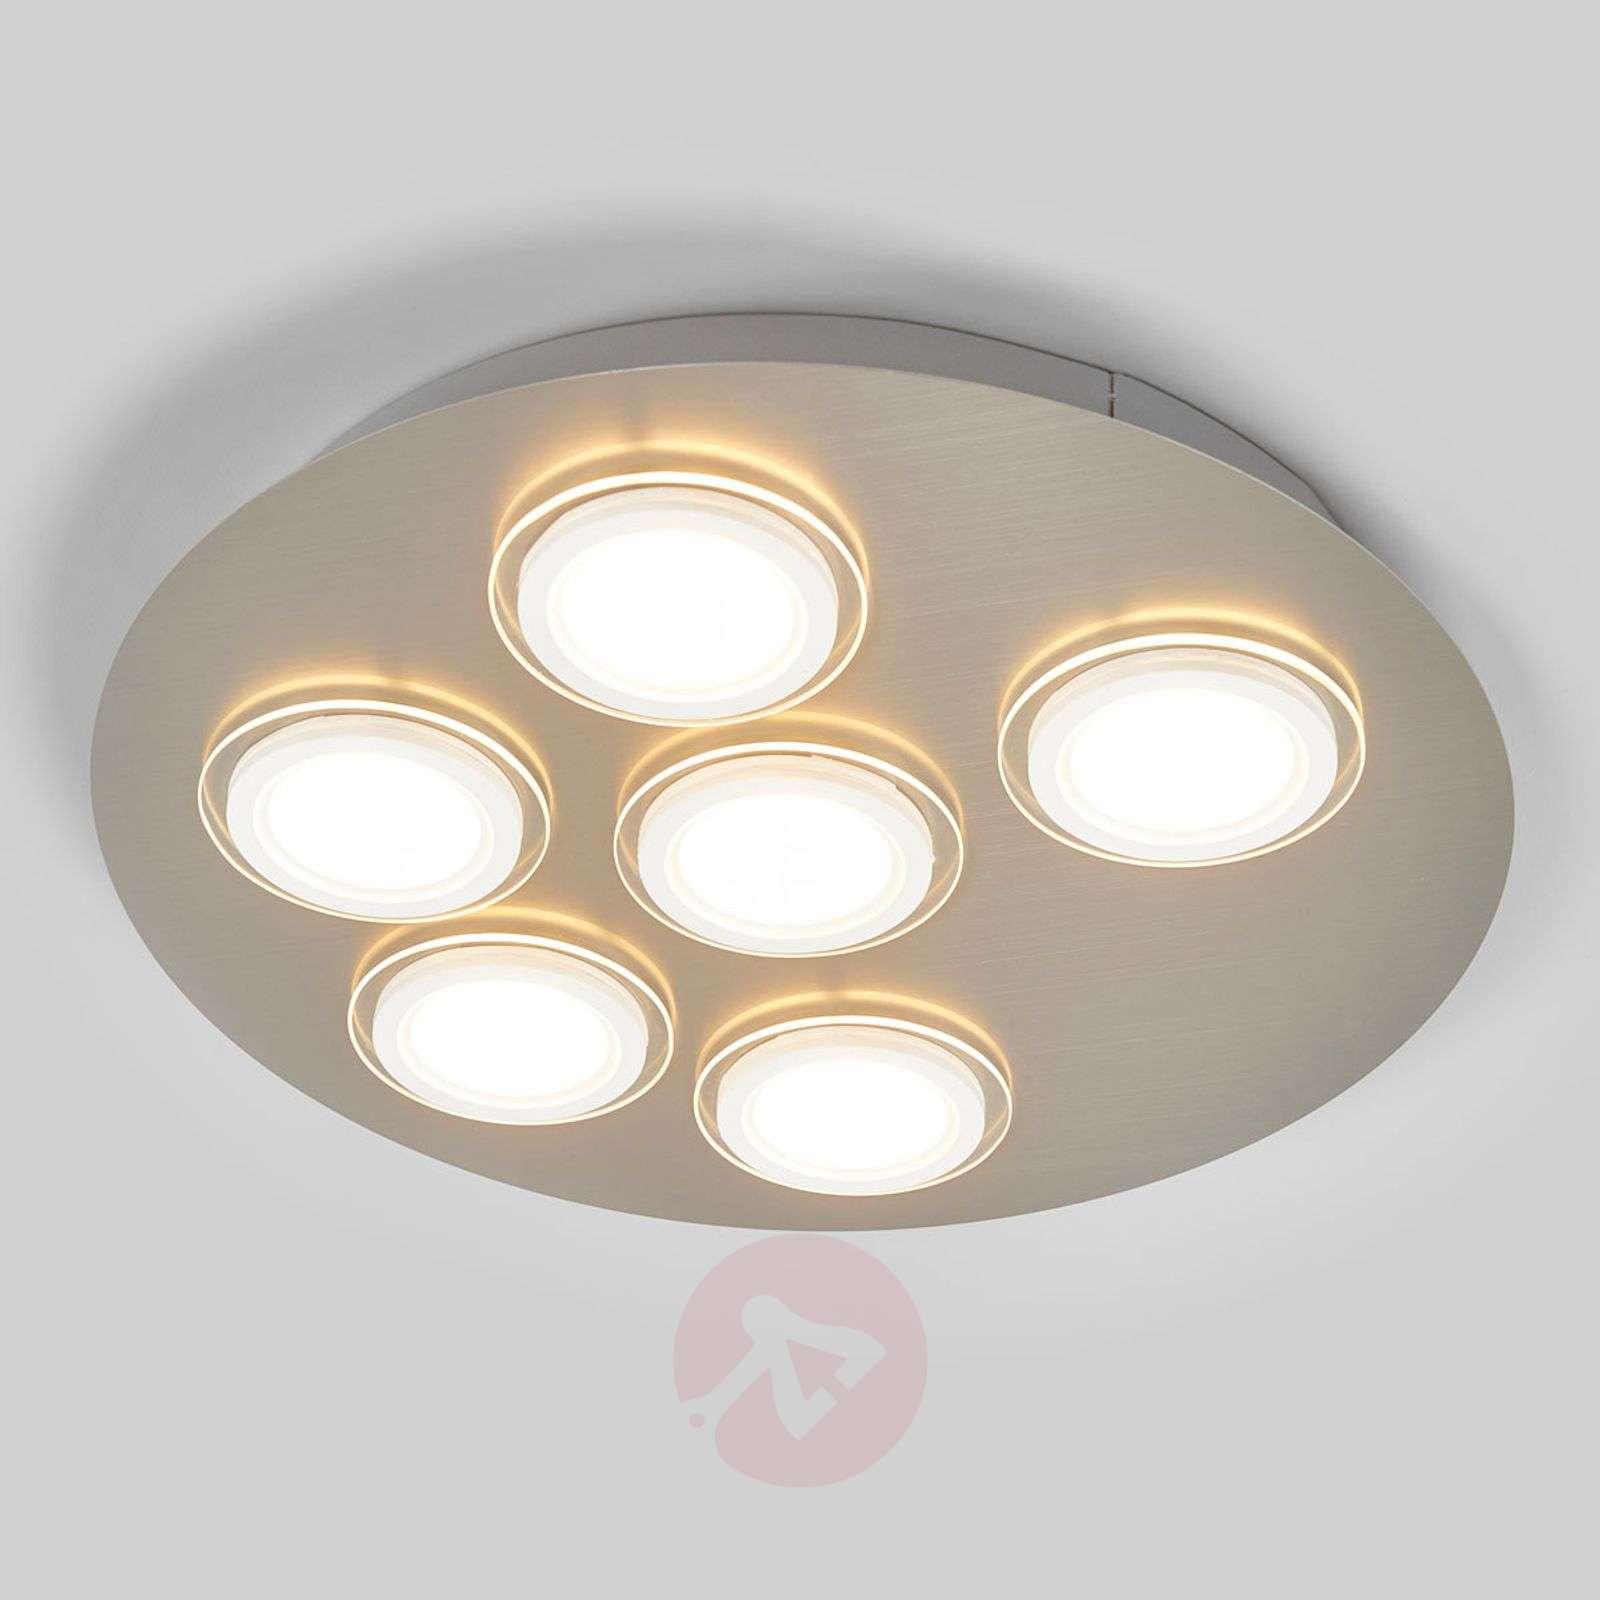 Samia round LED ceiling light-9985070-02